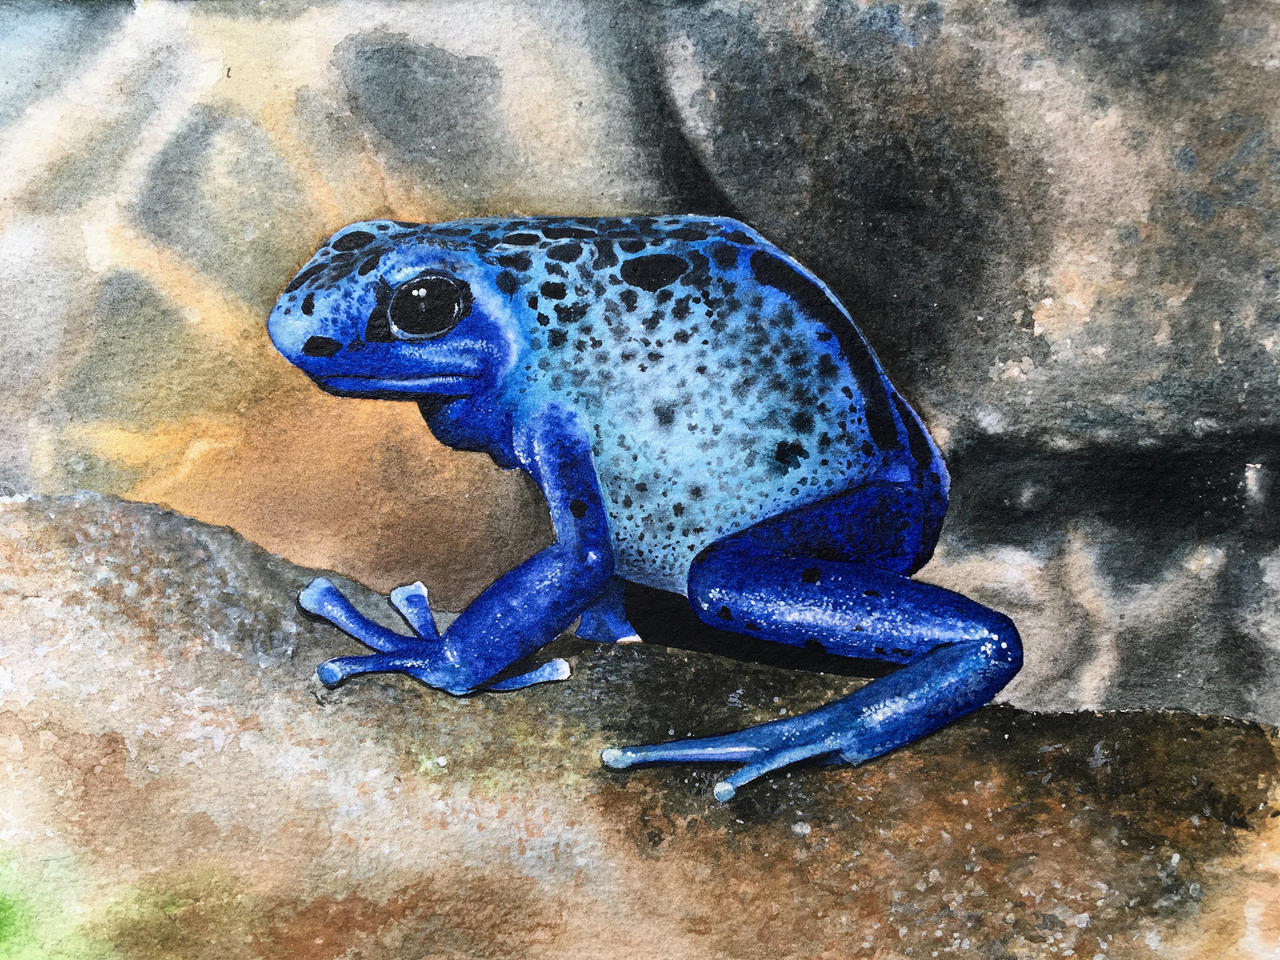 Dendrobates azureus (Poison dart frog)